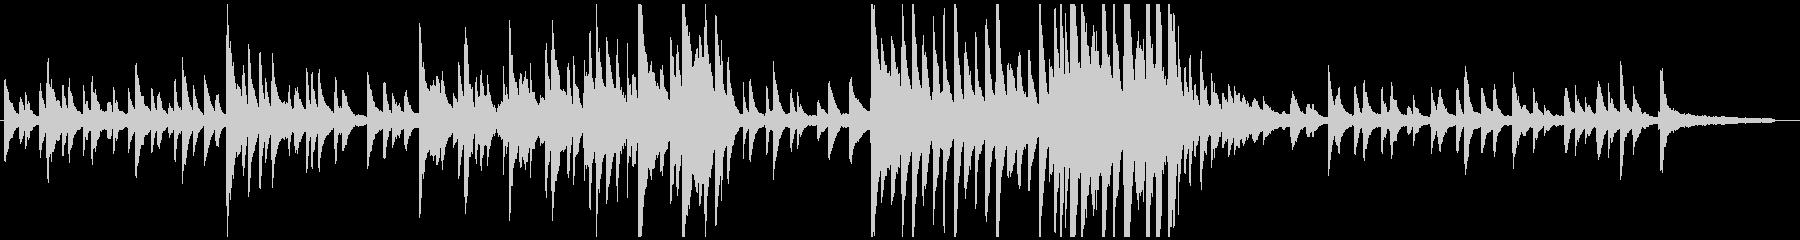 しんみりとしたピアノソロ曲の未再生の波形